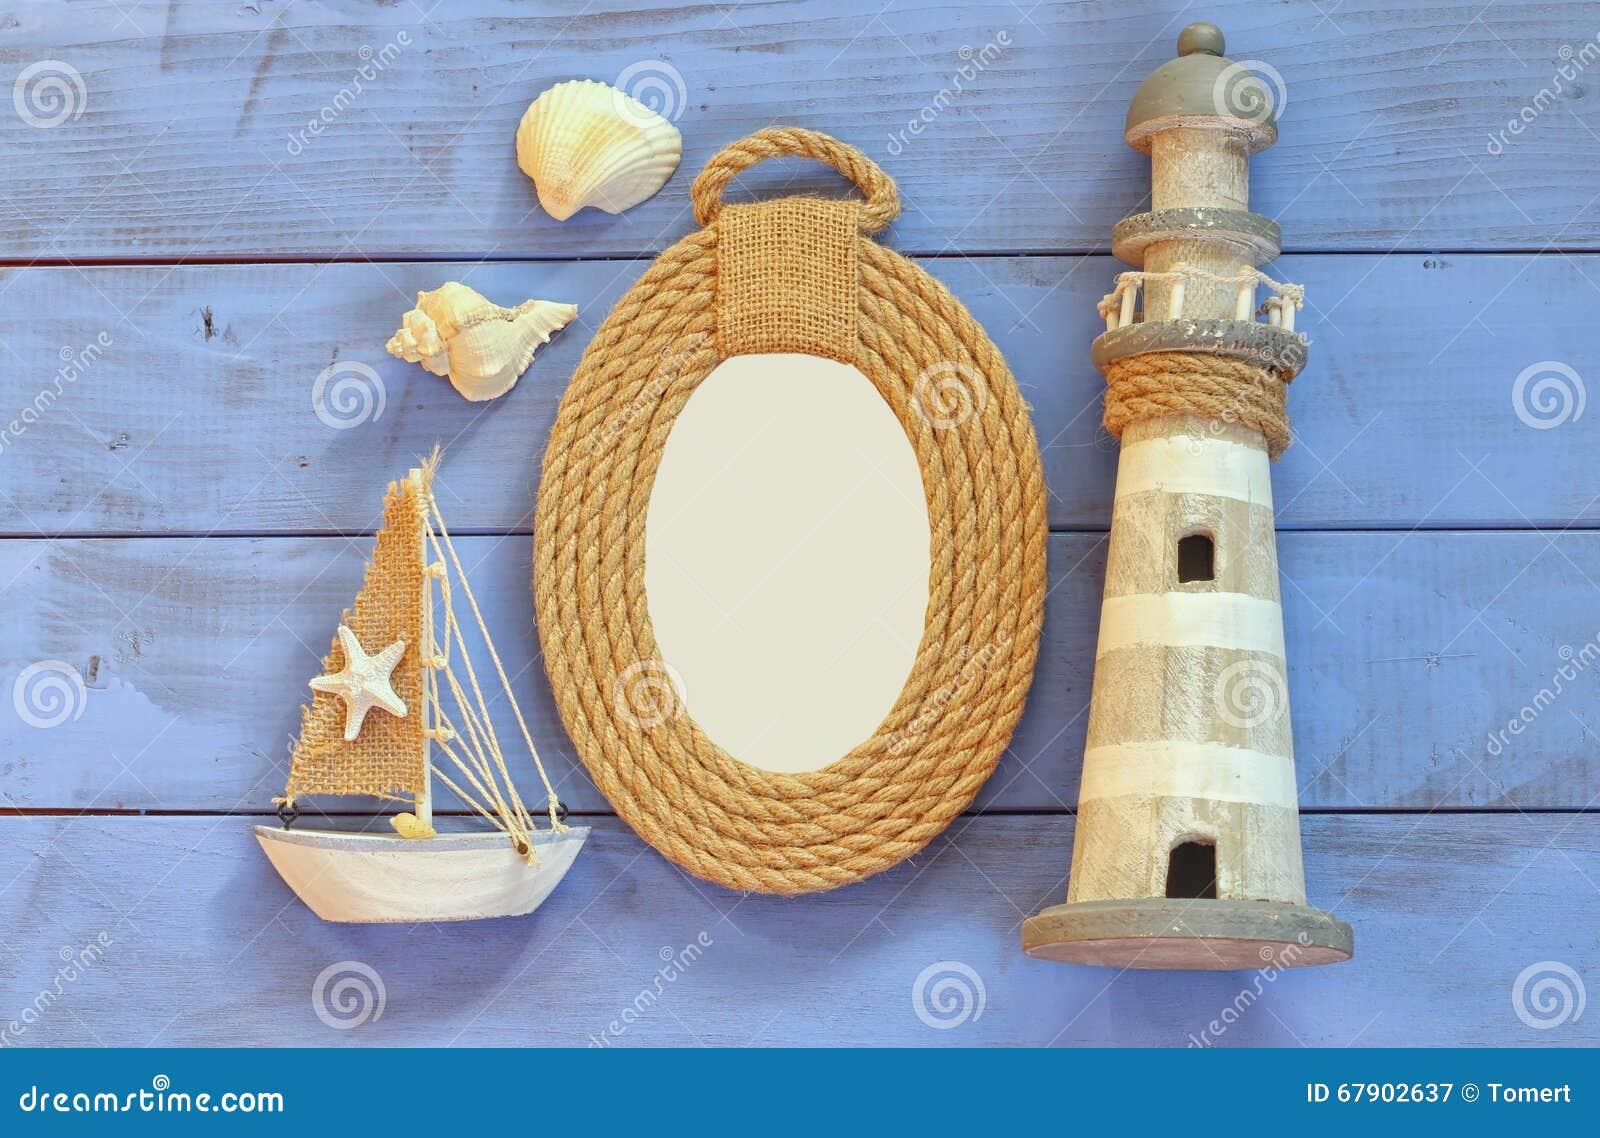 Marco De Las Cuerdas, Faro Y Barco De Navegación De Madera En La ...